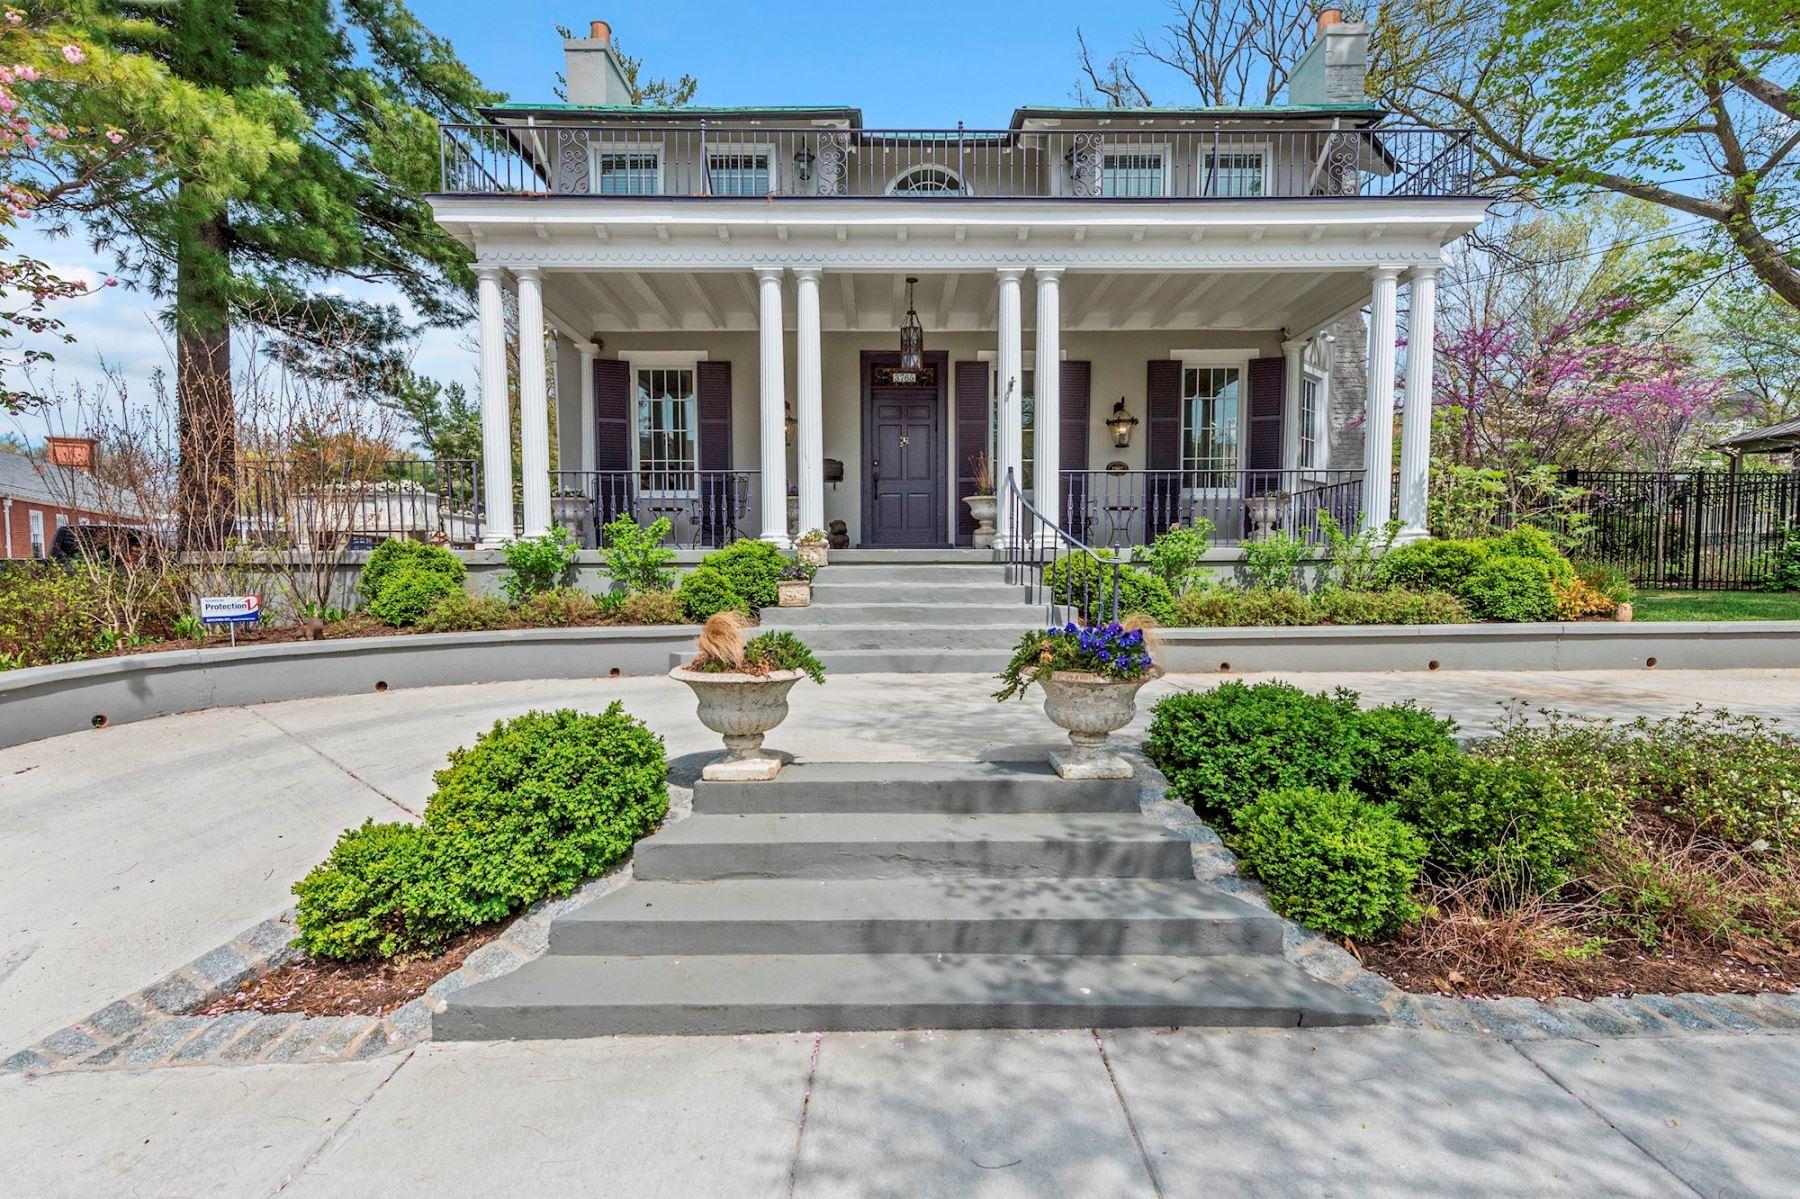 Maison unifamiliale pour l Vente à 3765 Northampton Street Nw, Washington Washington, District De Columbia, 20015 États-Unis